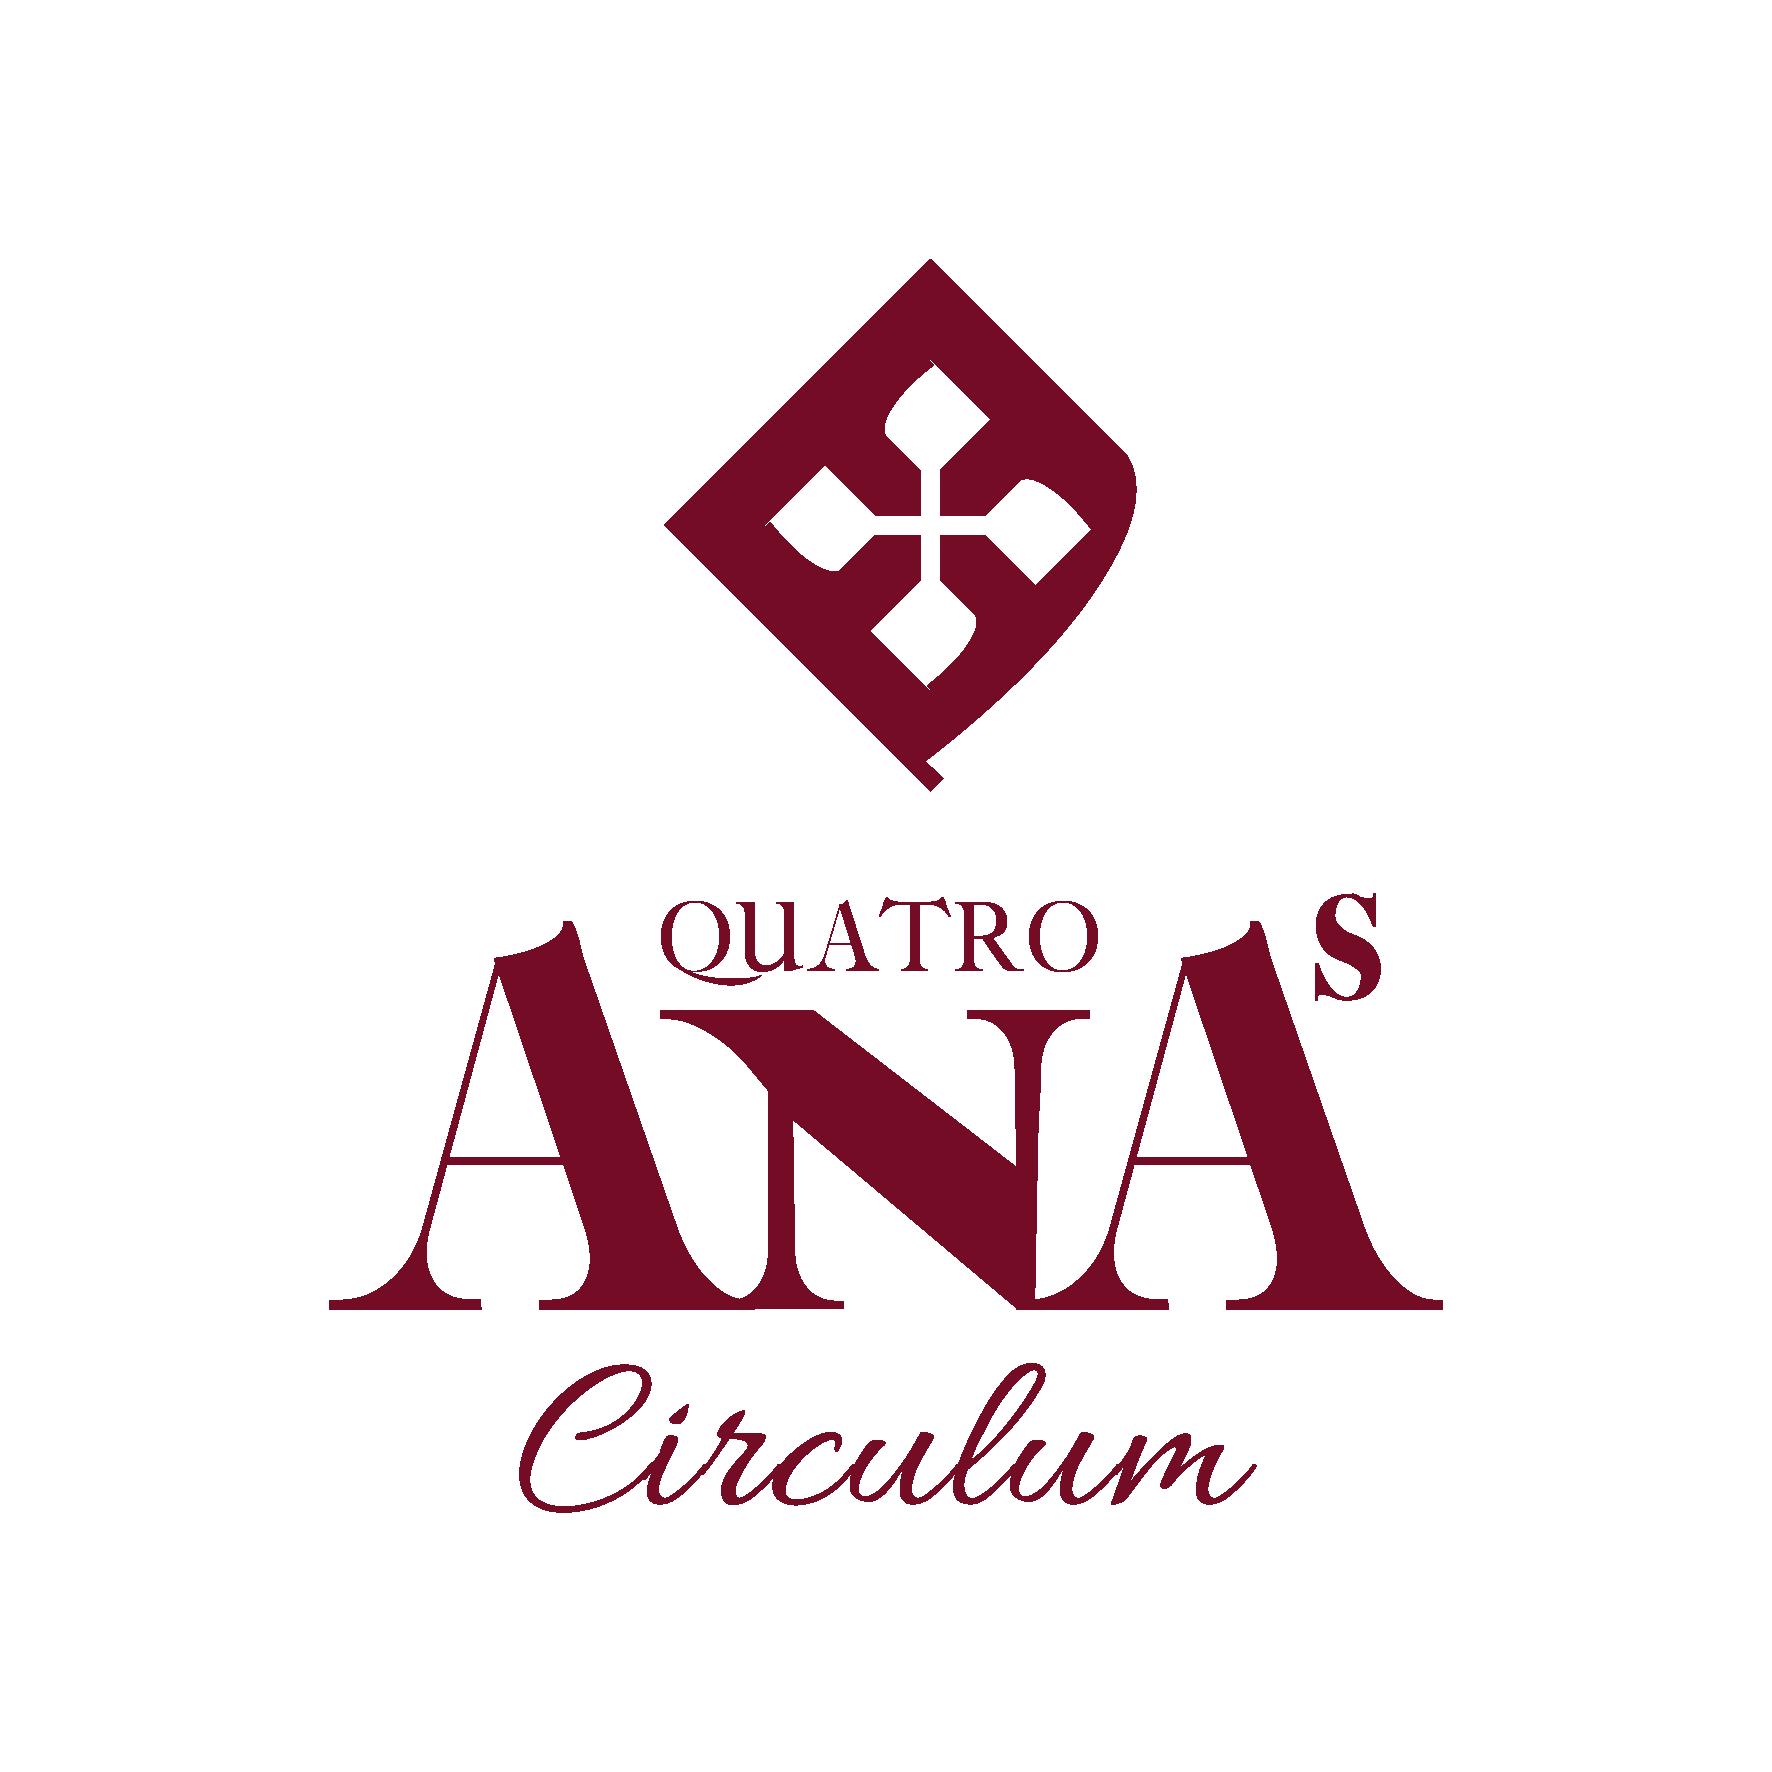 circulum logo